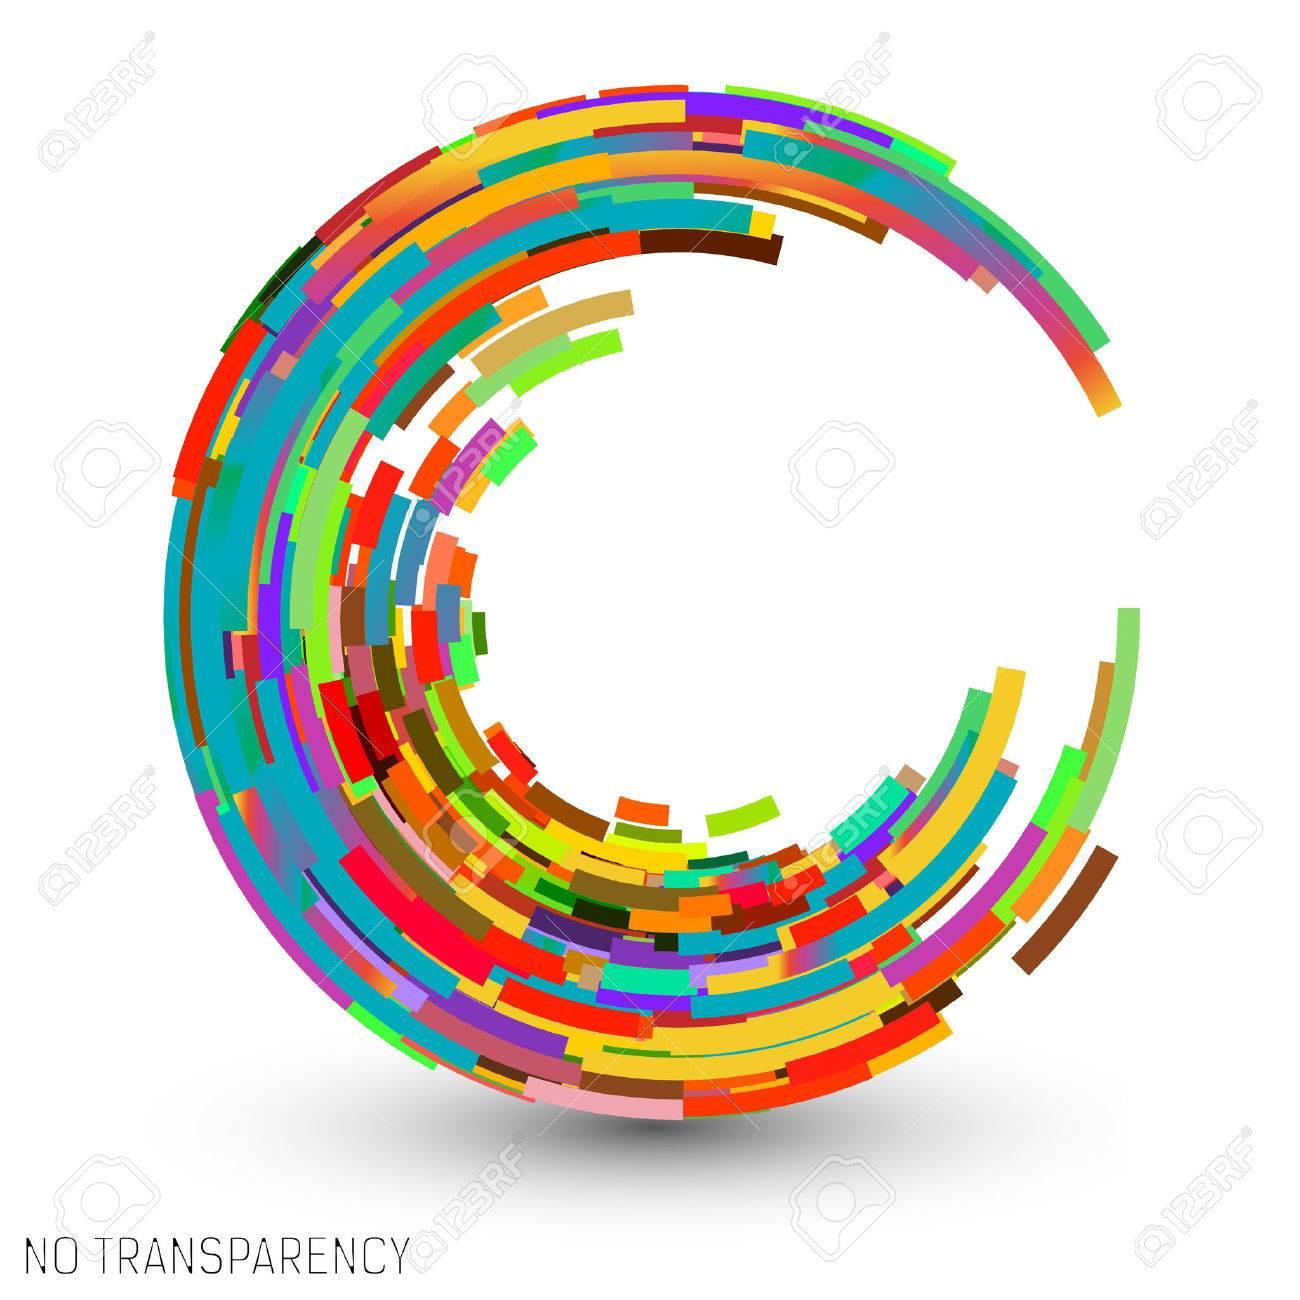 Colorful swirl icon, clip art, design element vector illustration - 46579492